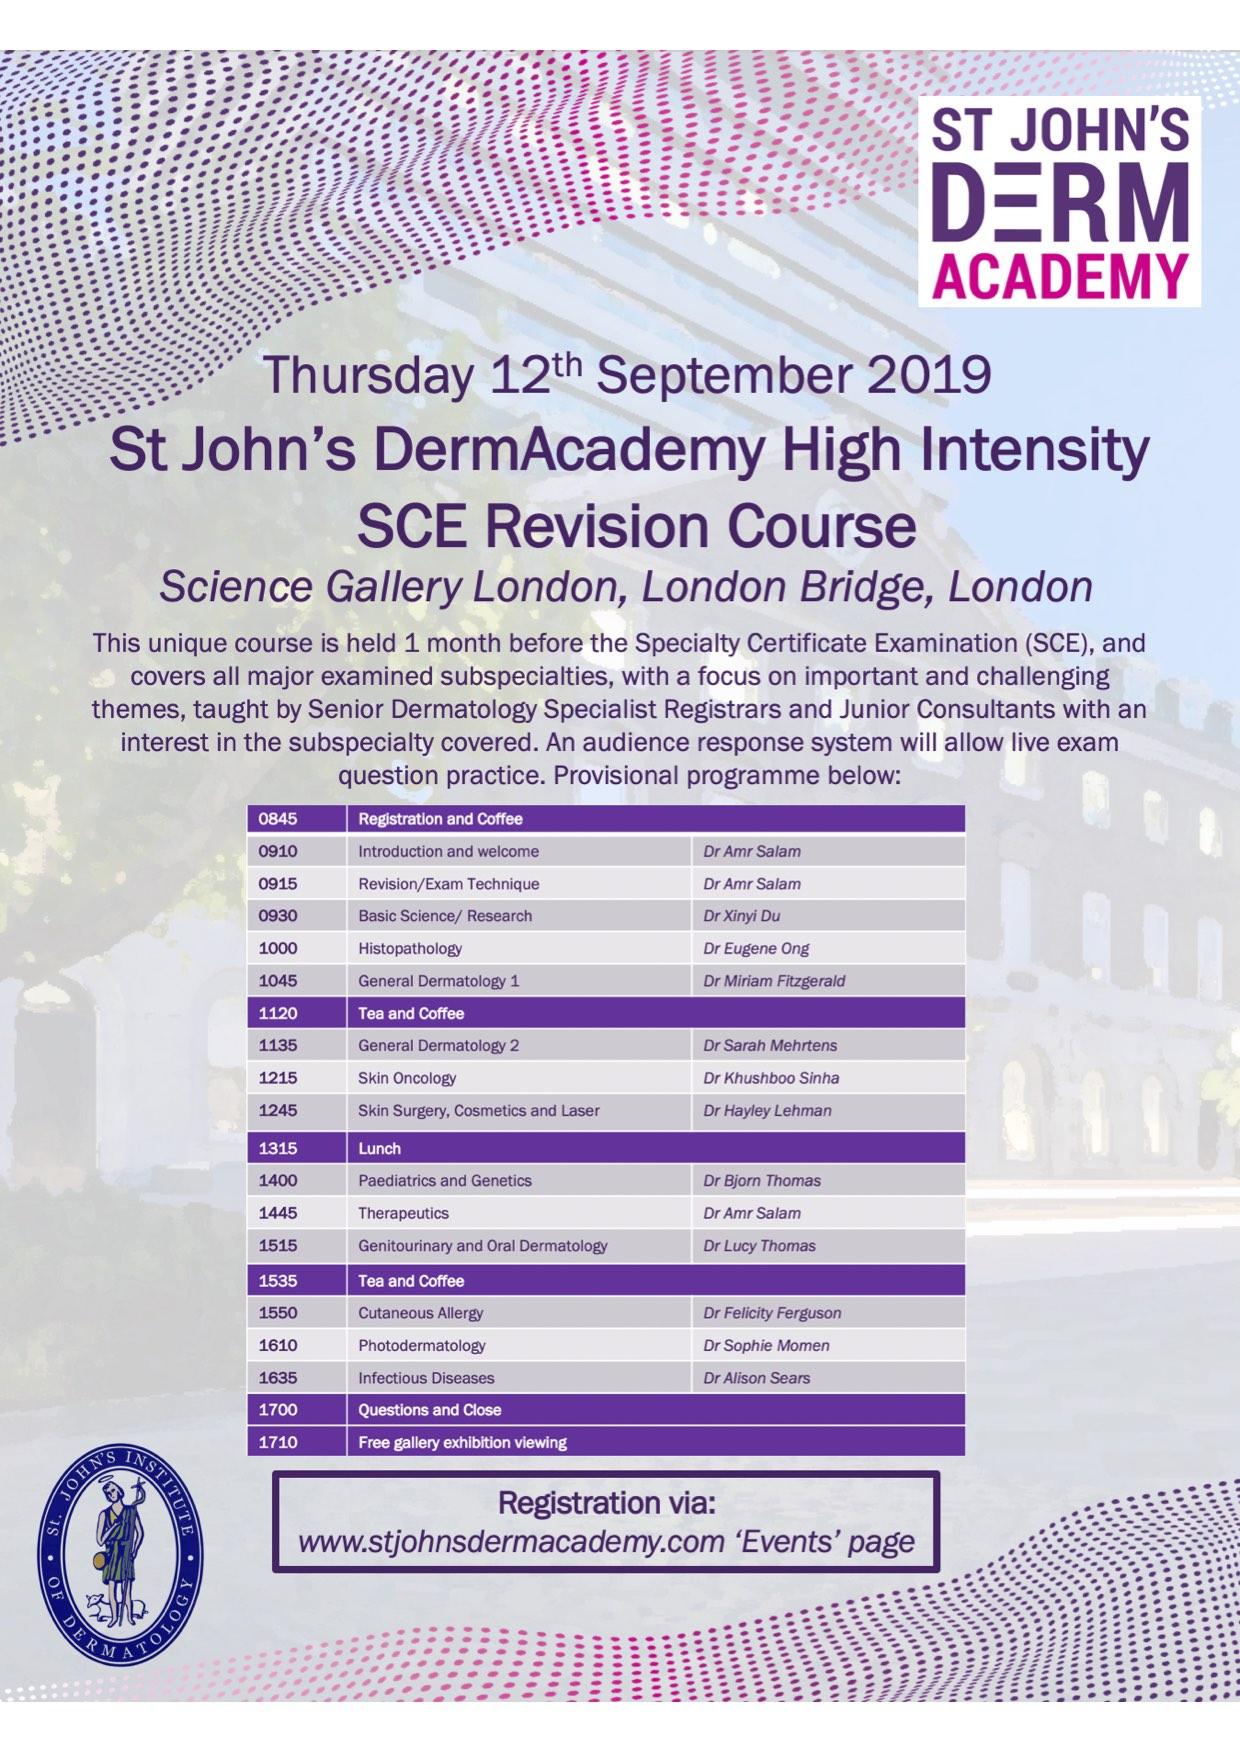 SCE Revision Course Flier 2019